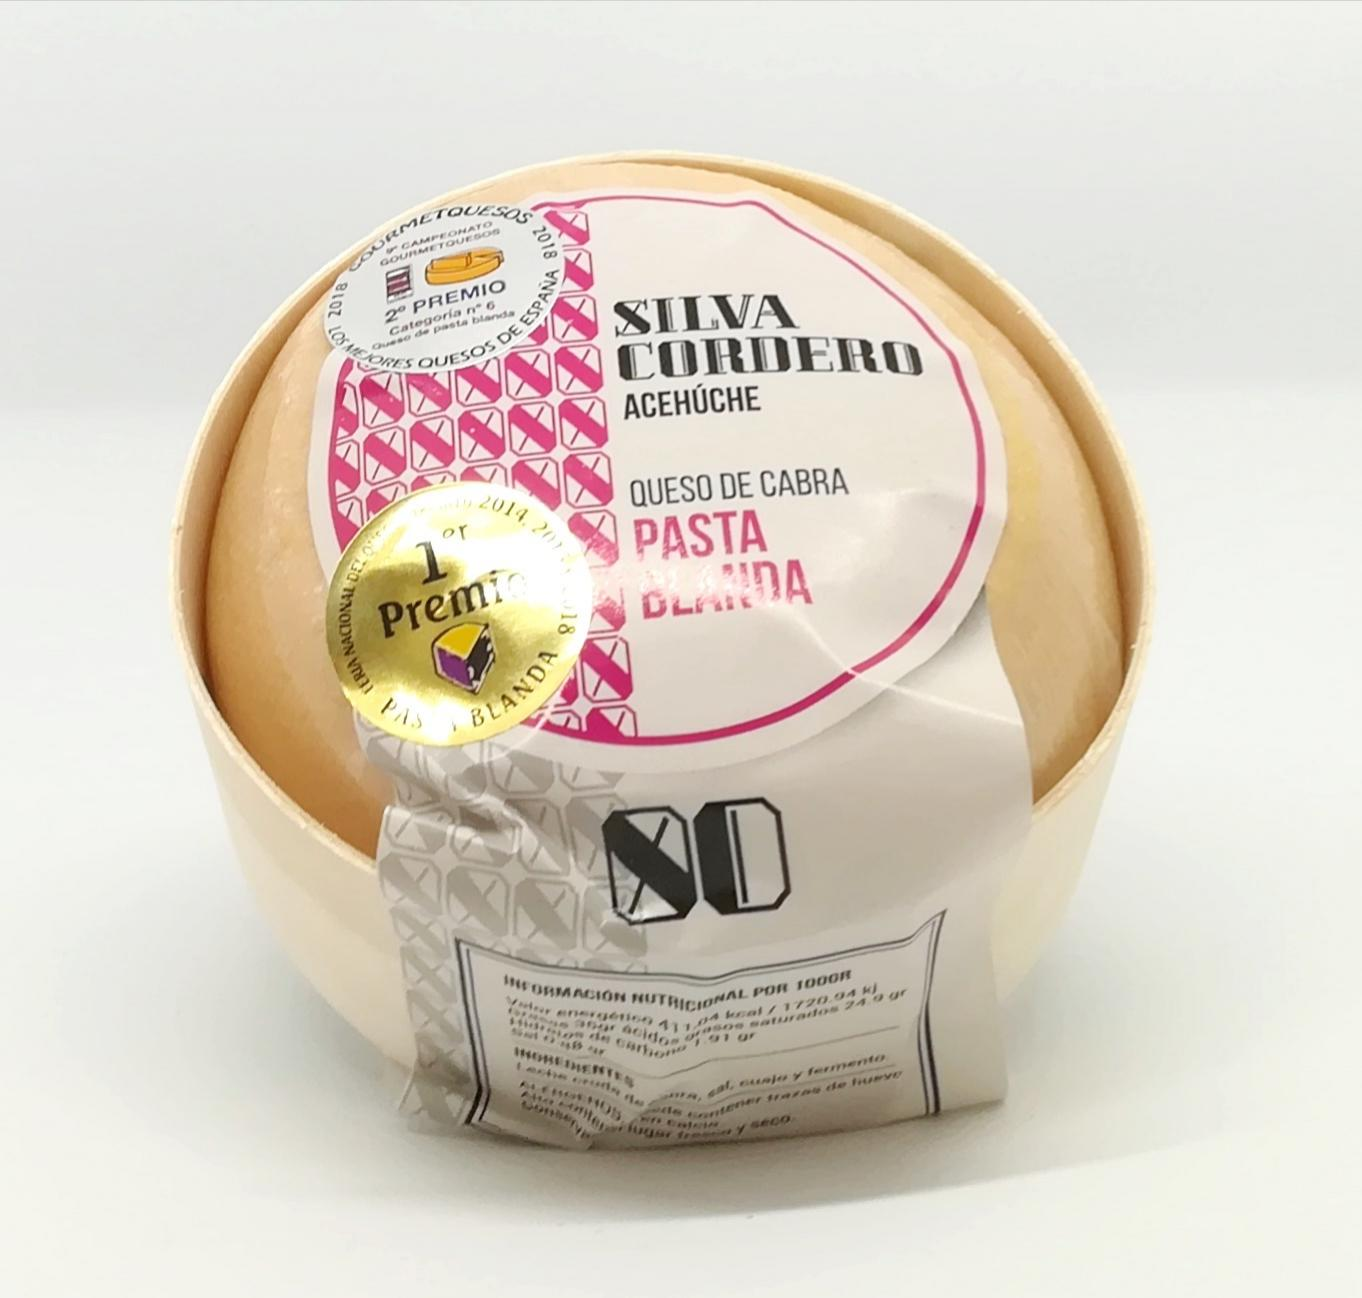 Silva Cordero pasta blanda